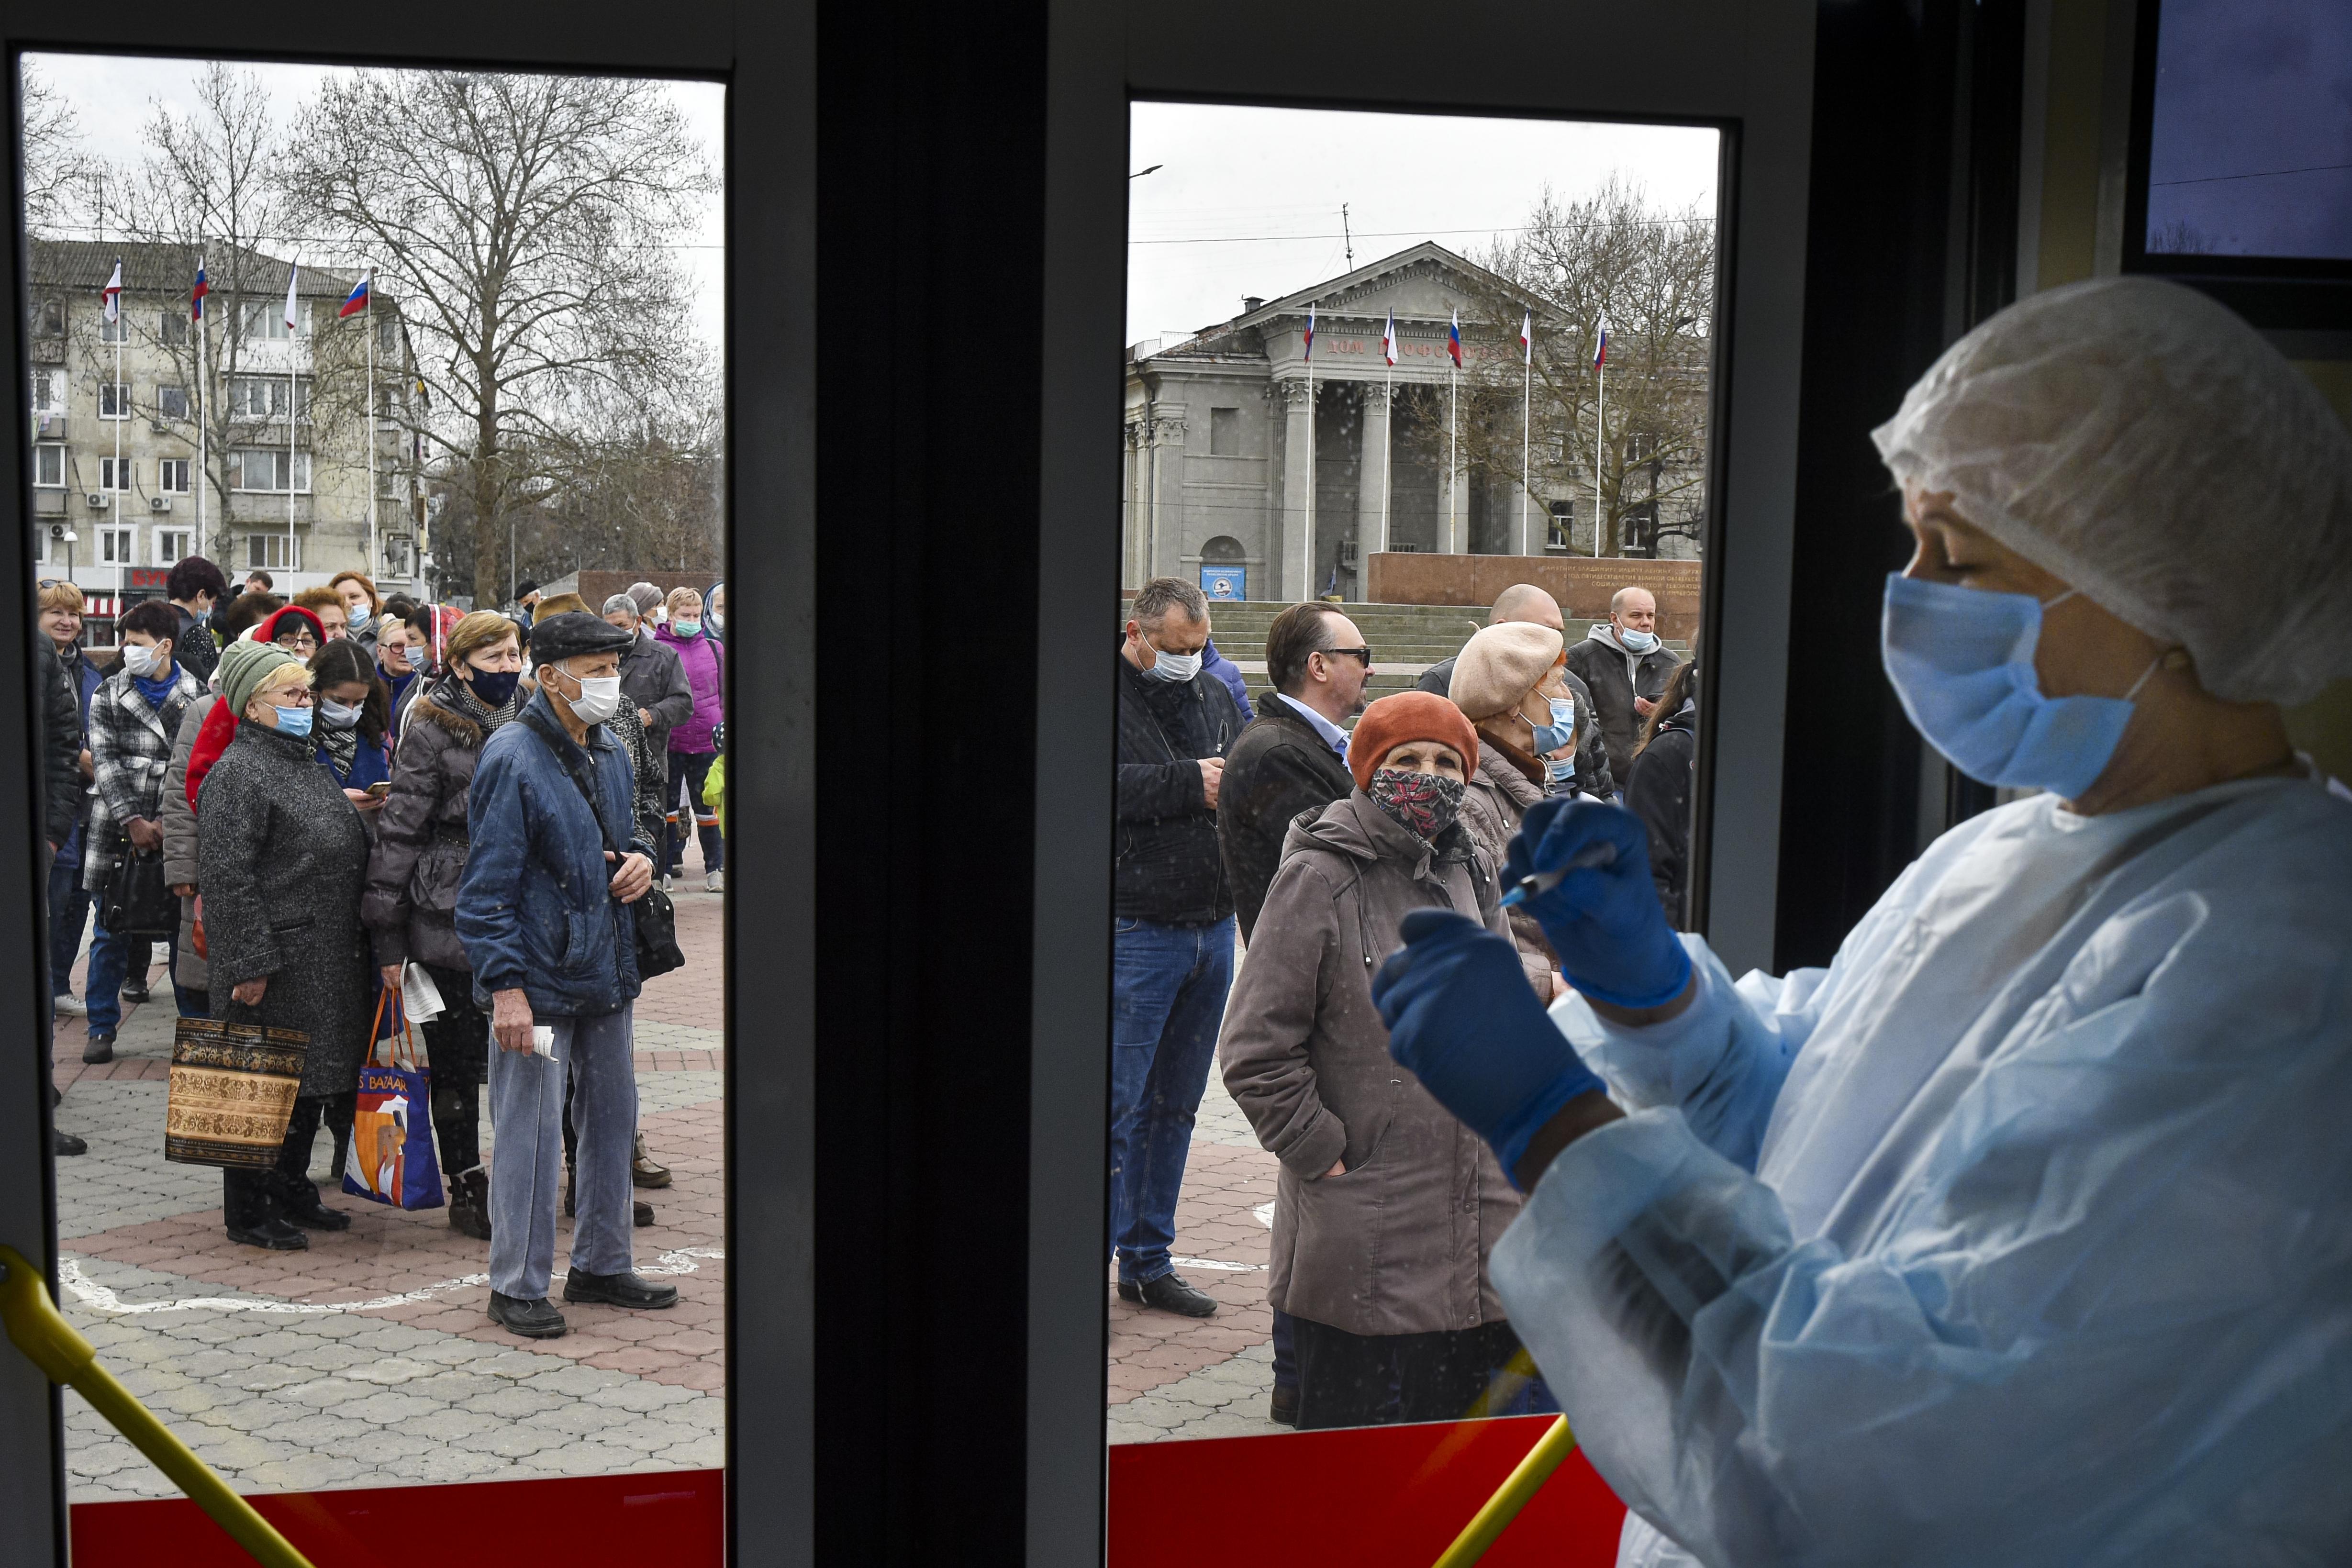 Aktuálne informácie o Koronavíruse COVID-19 na Slovensku ku dňu 13. 5. 2021